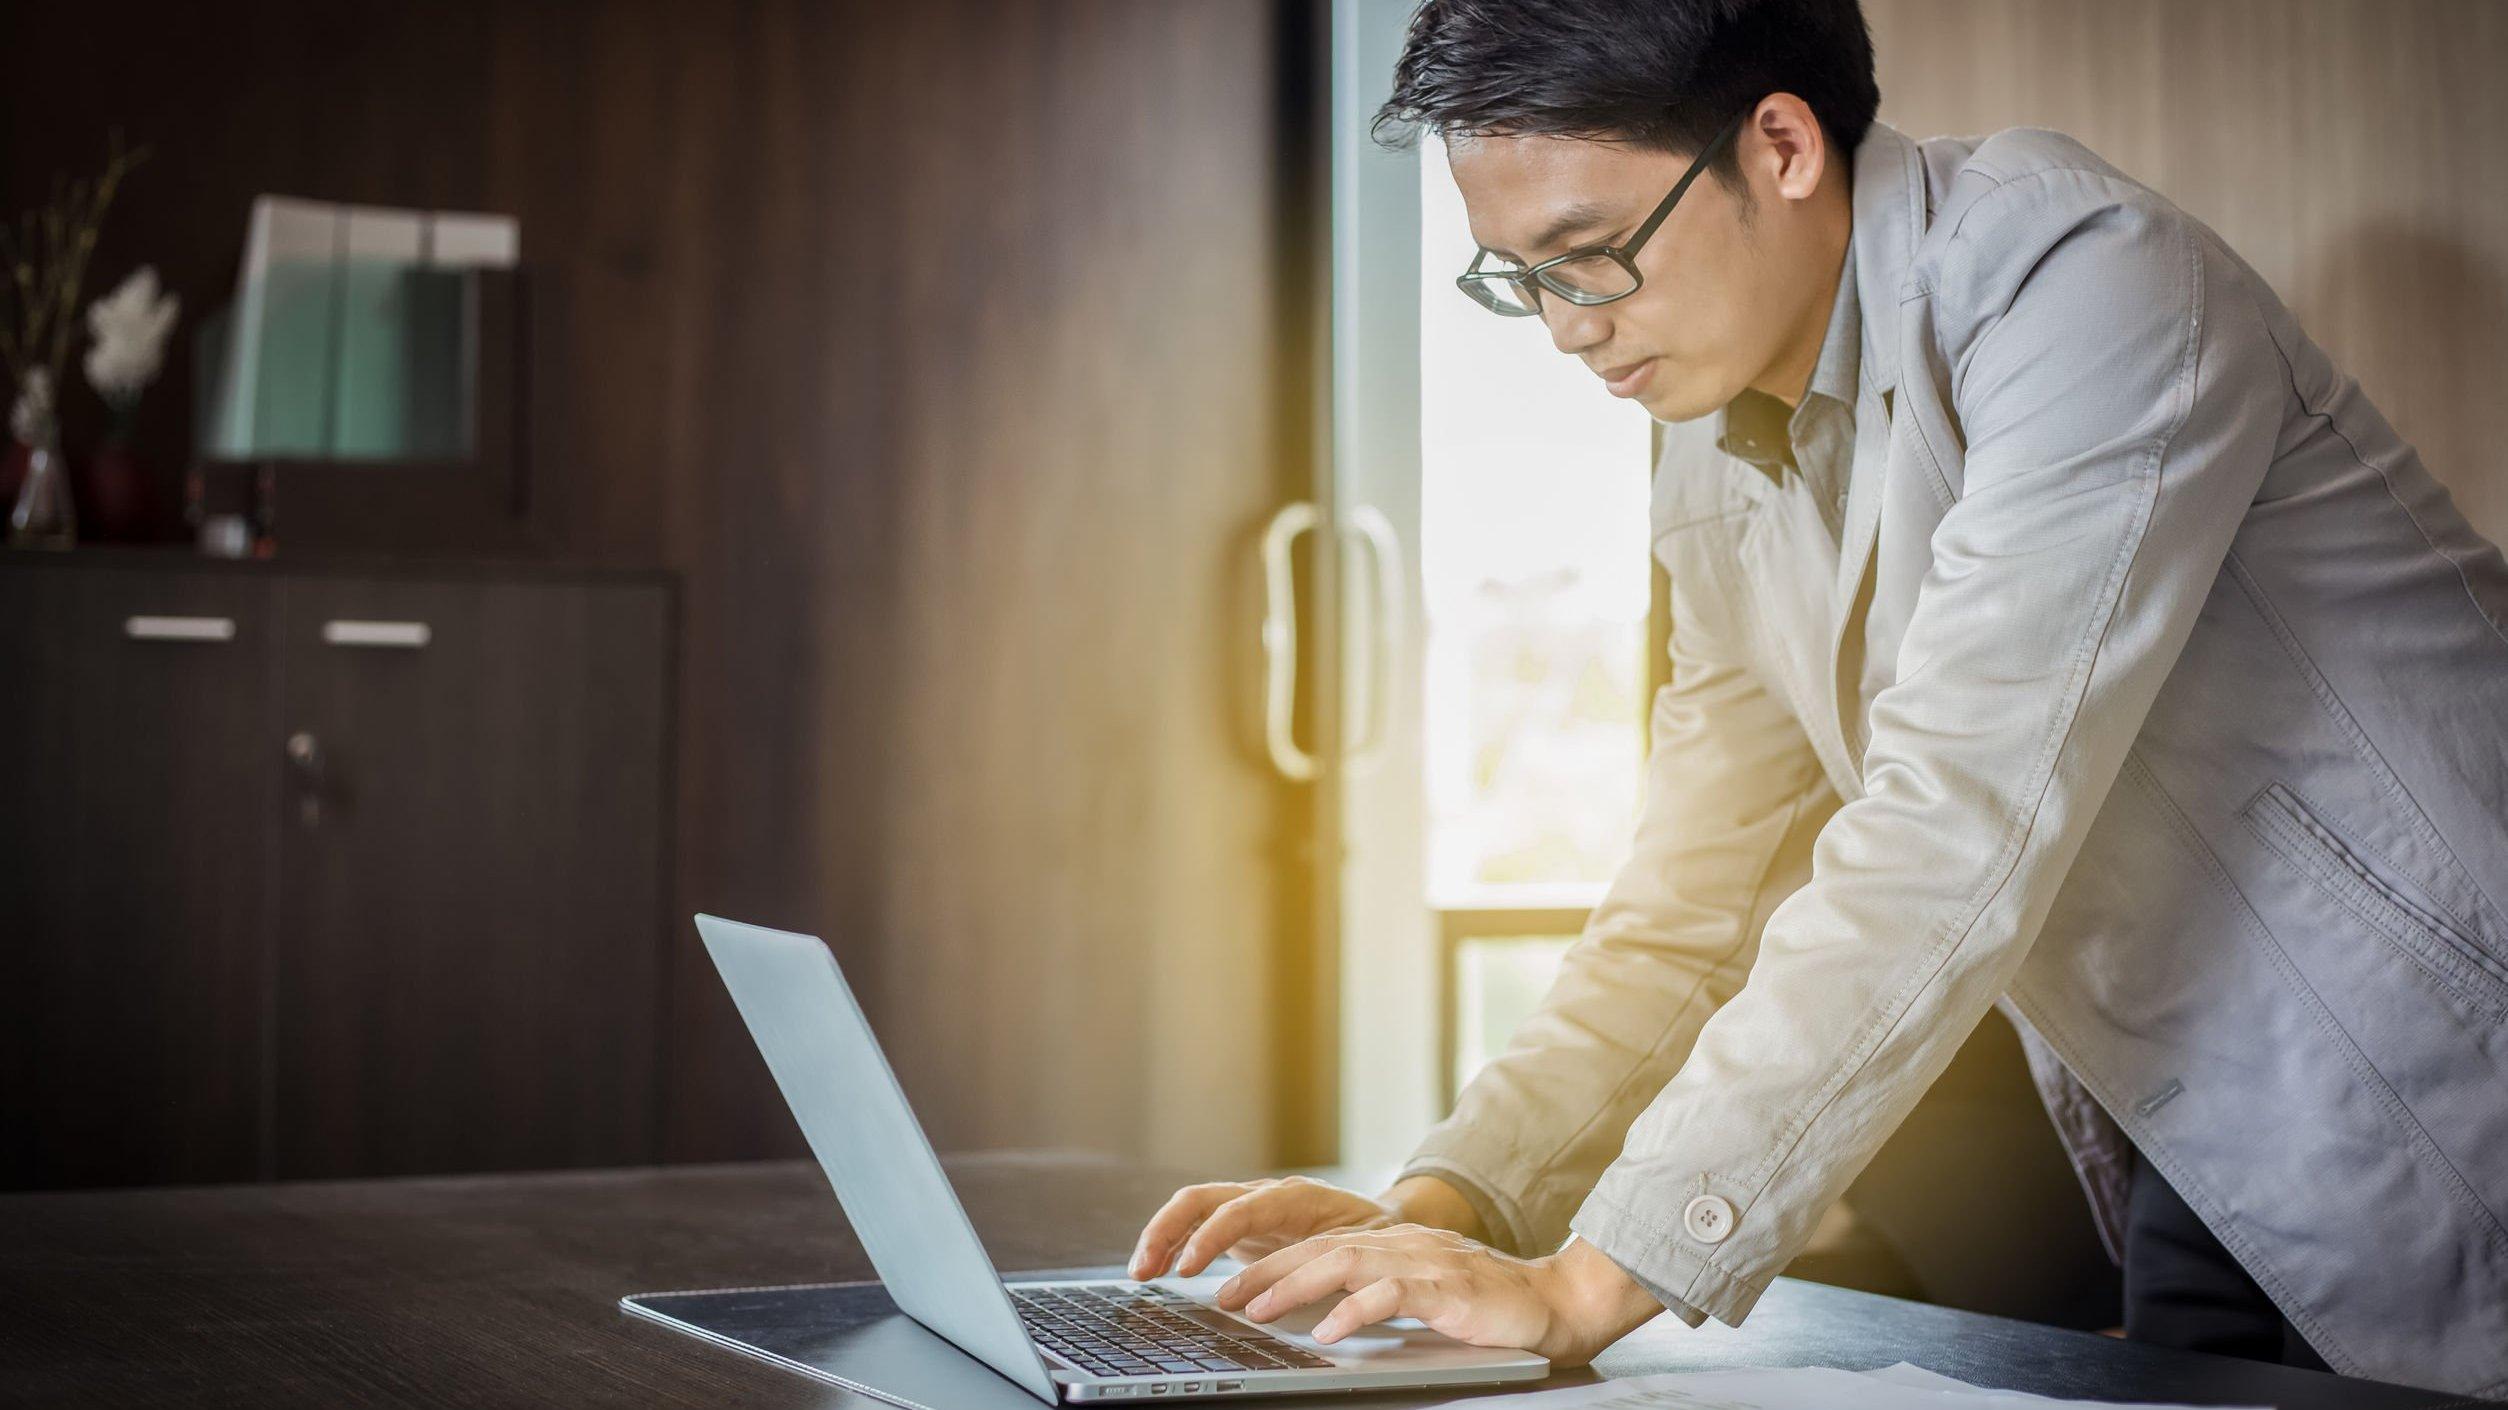 Homem de pé mexe em computador que está sobre uma mesa